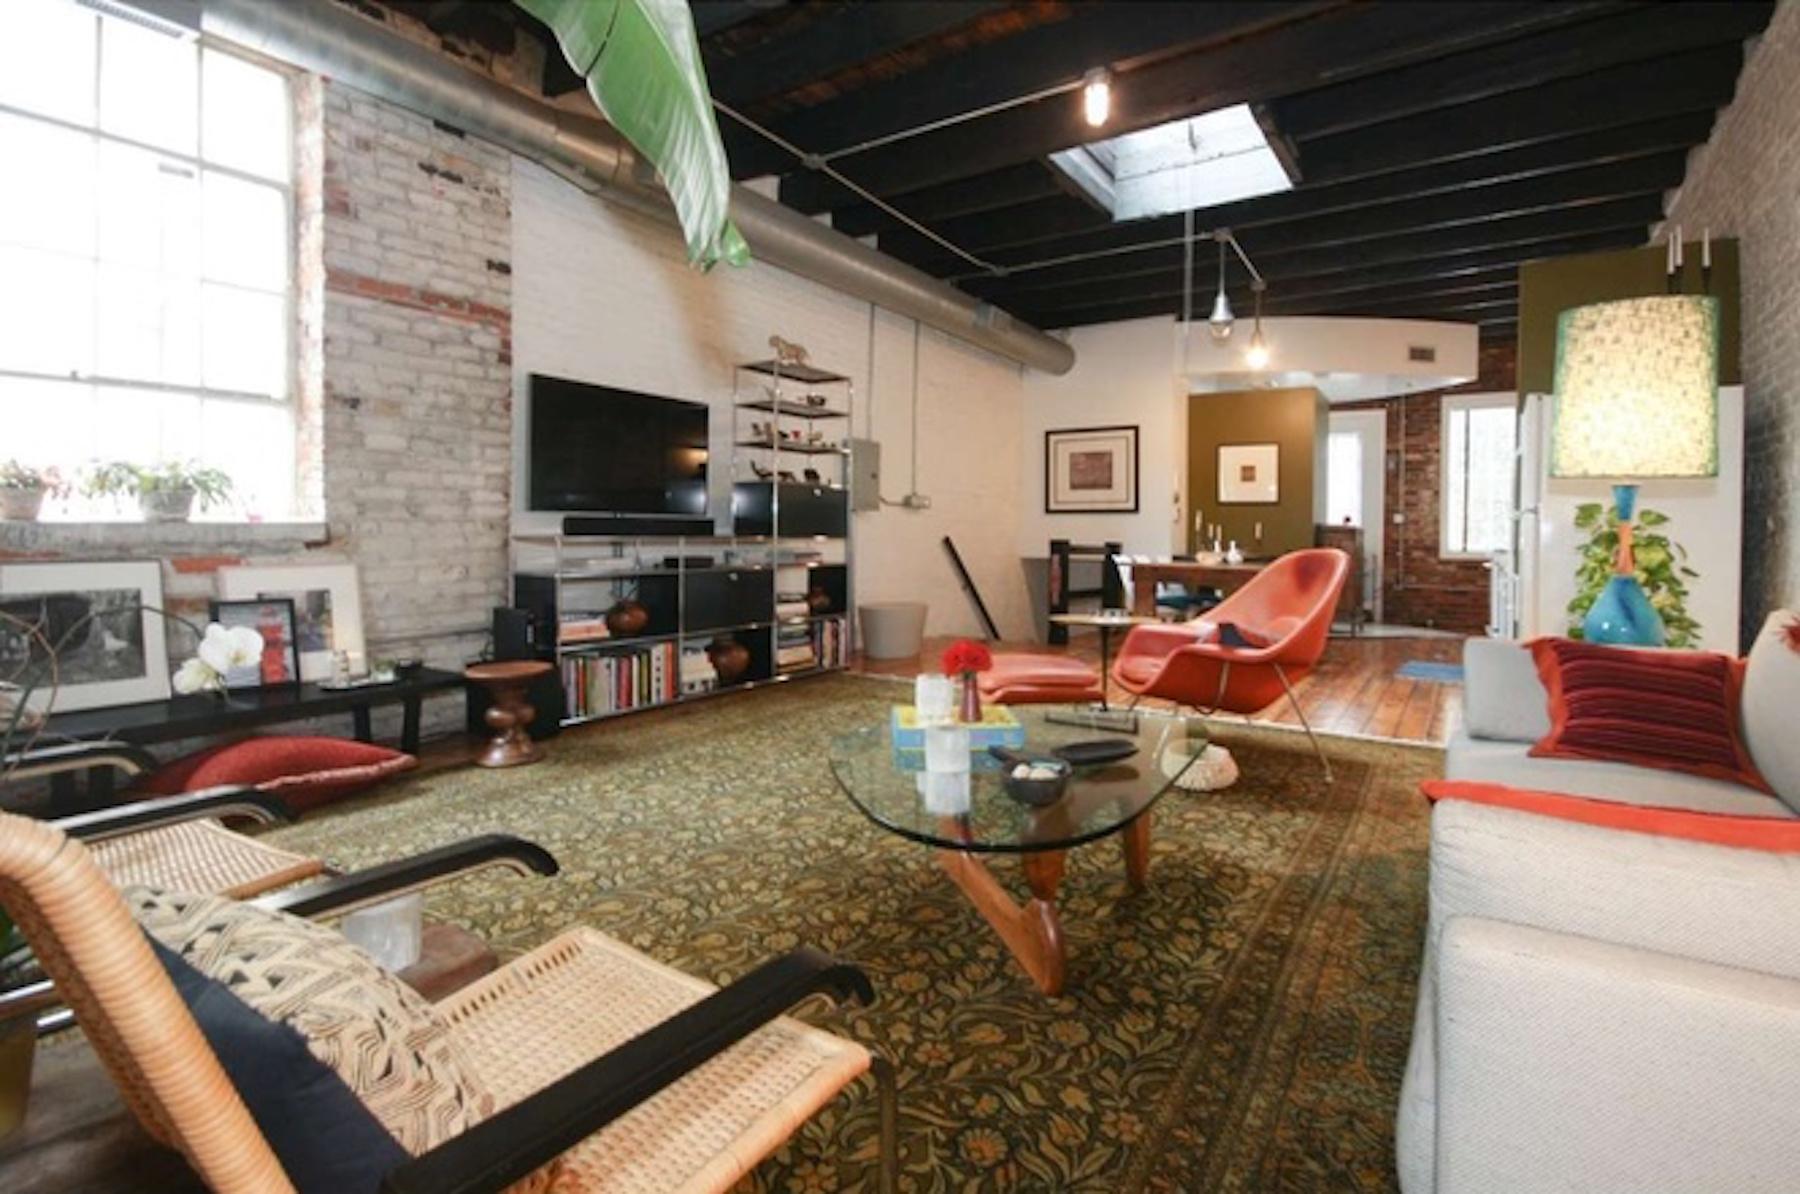 Cool bella vista loft above garage asks 619k curbed philly for Garage with loft for sale